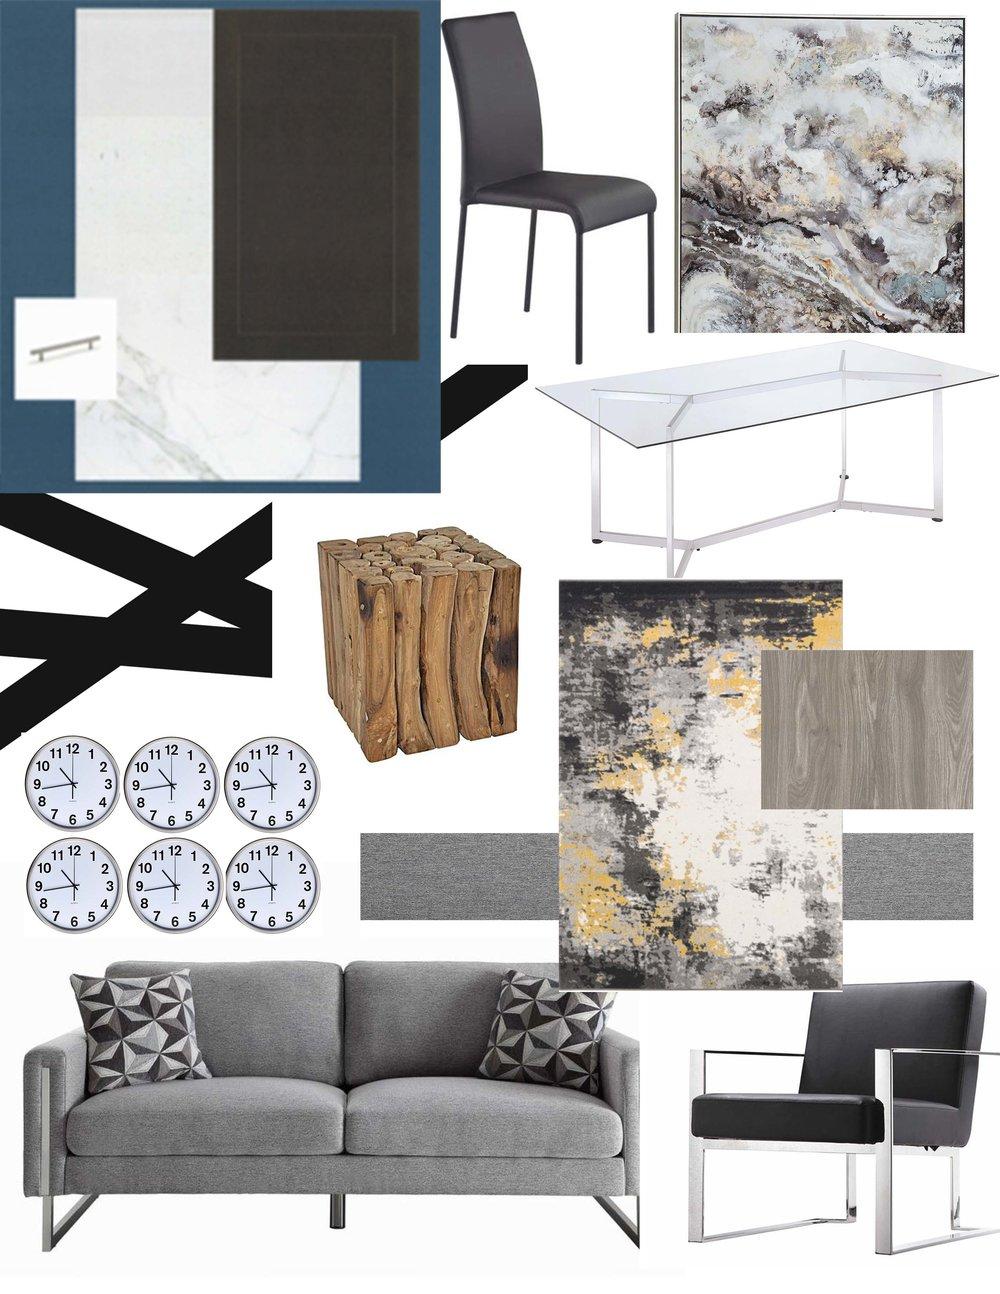 Orlando interior design firms